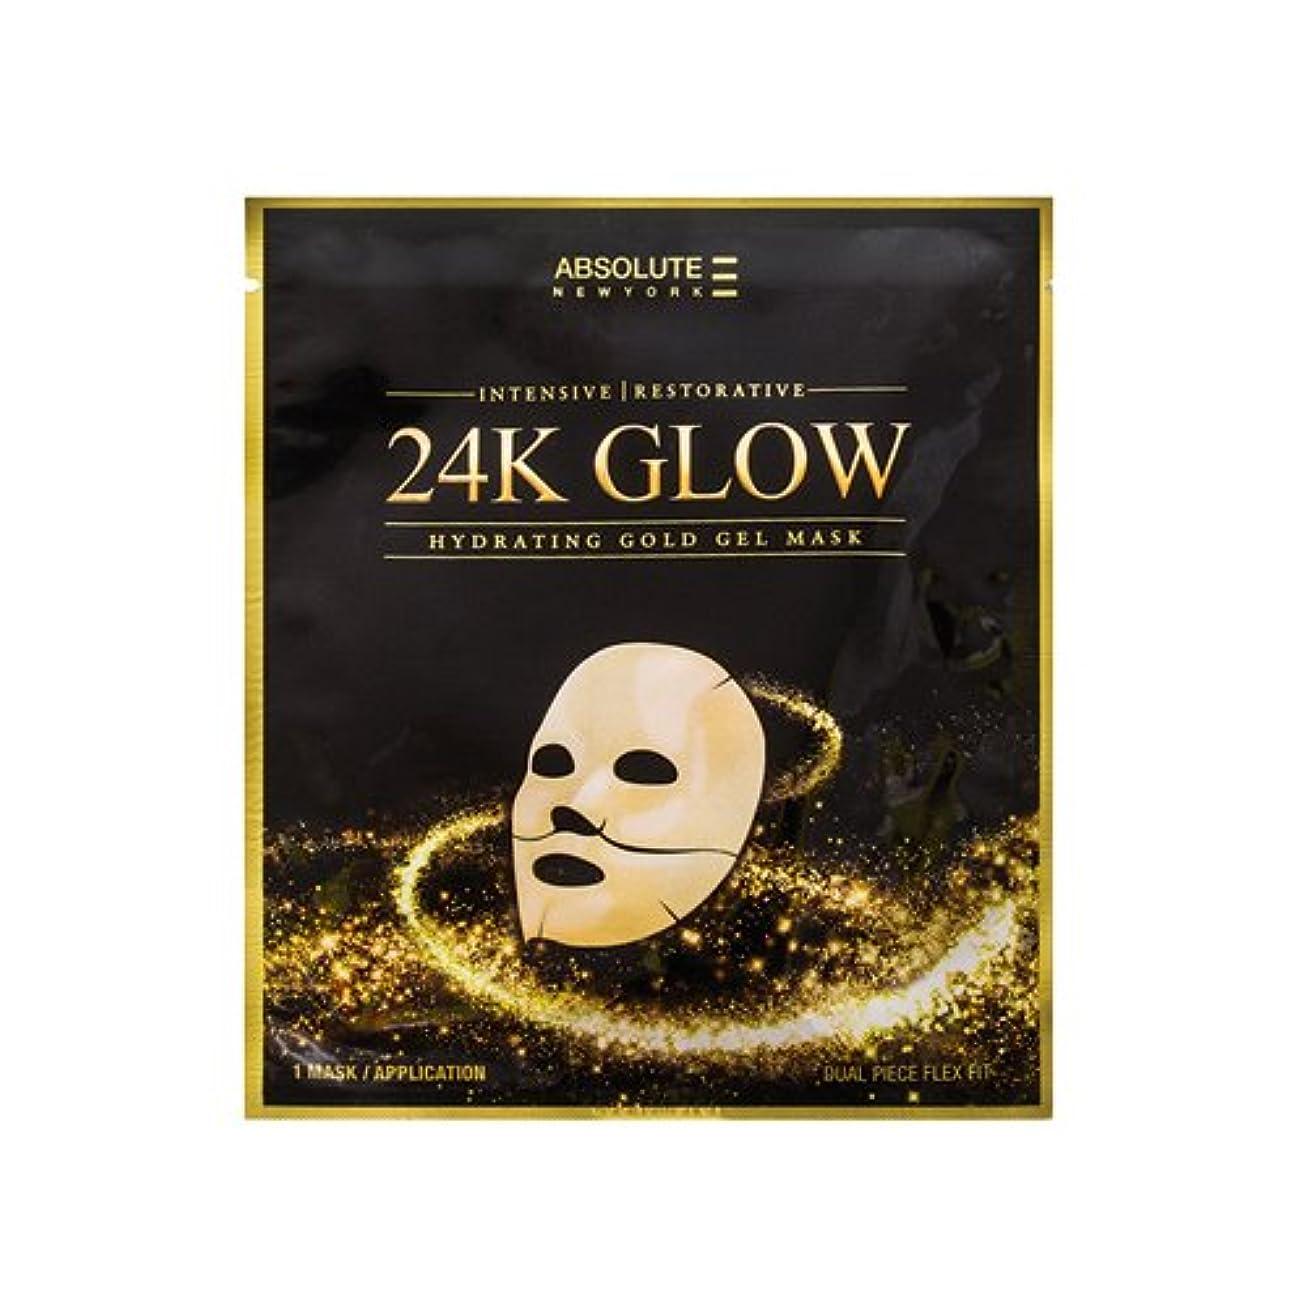 彼キャンセル構成員(6 Pack) Absolute 24K Glow Gold Gel Mask (並行輸入品)